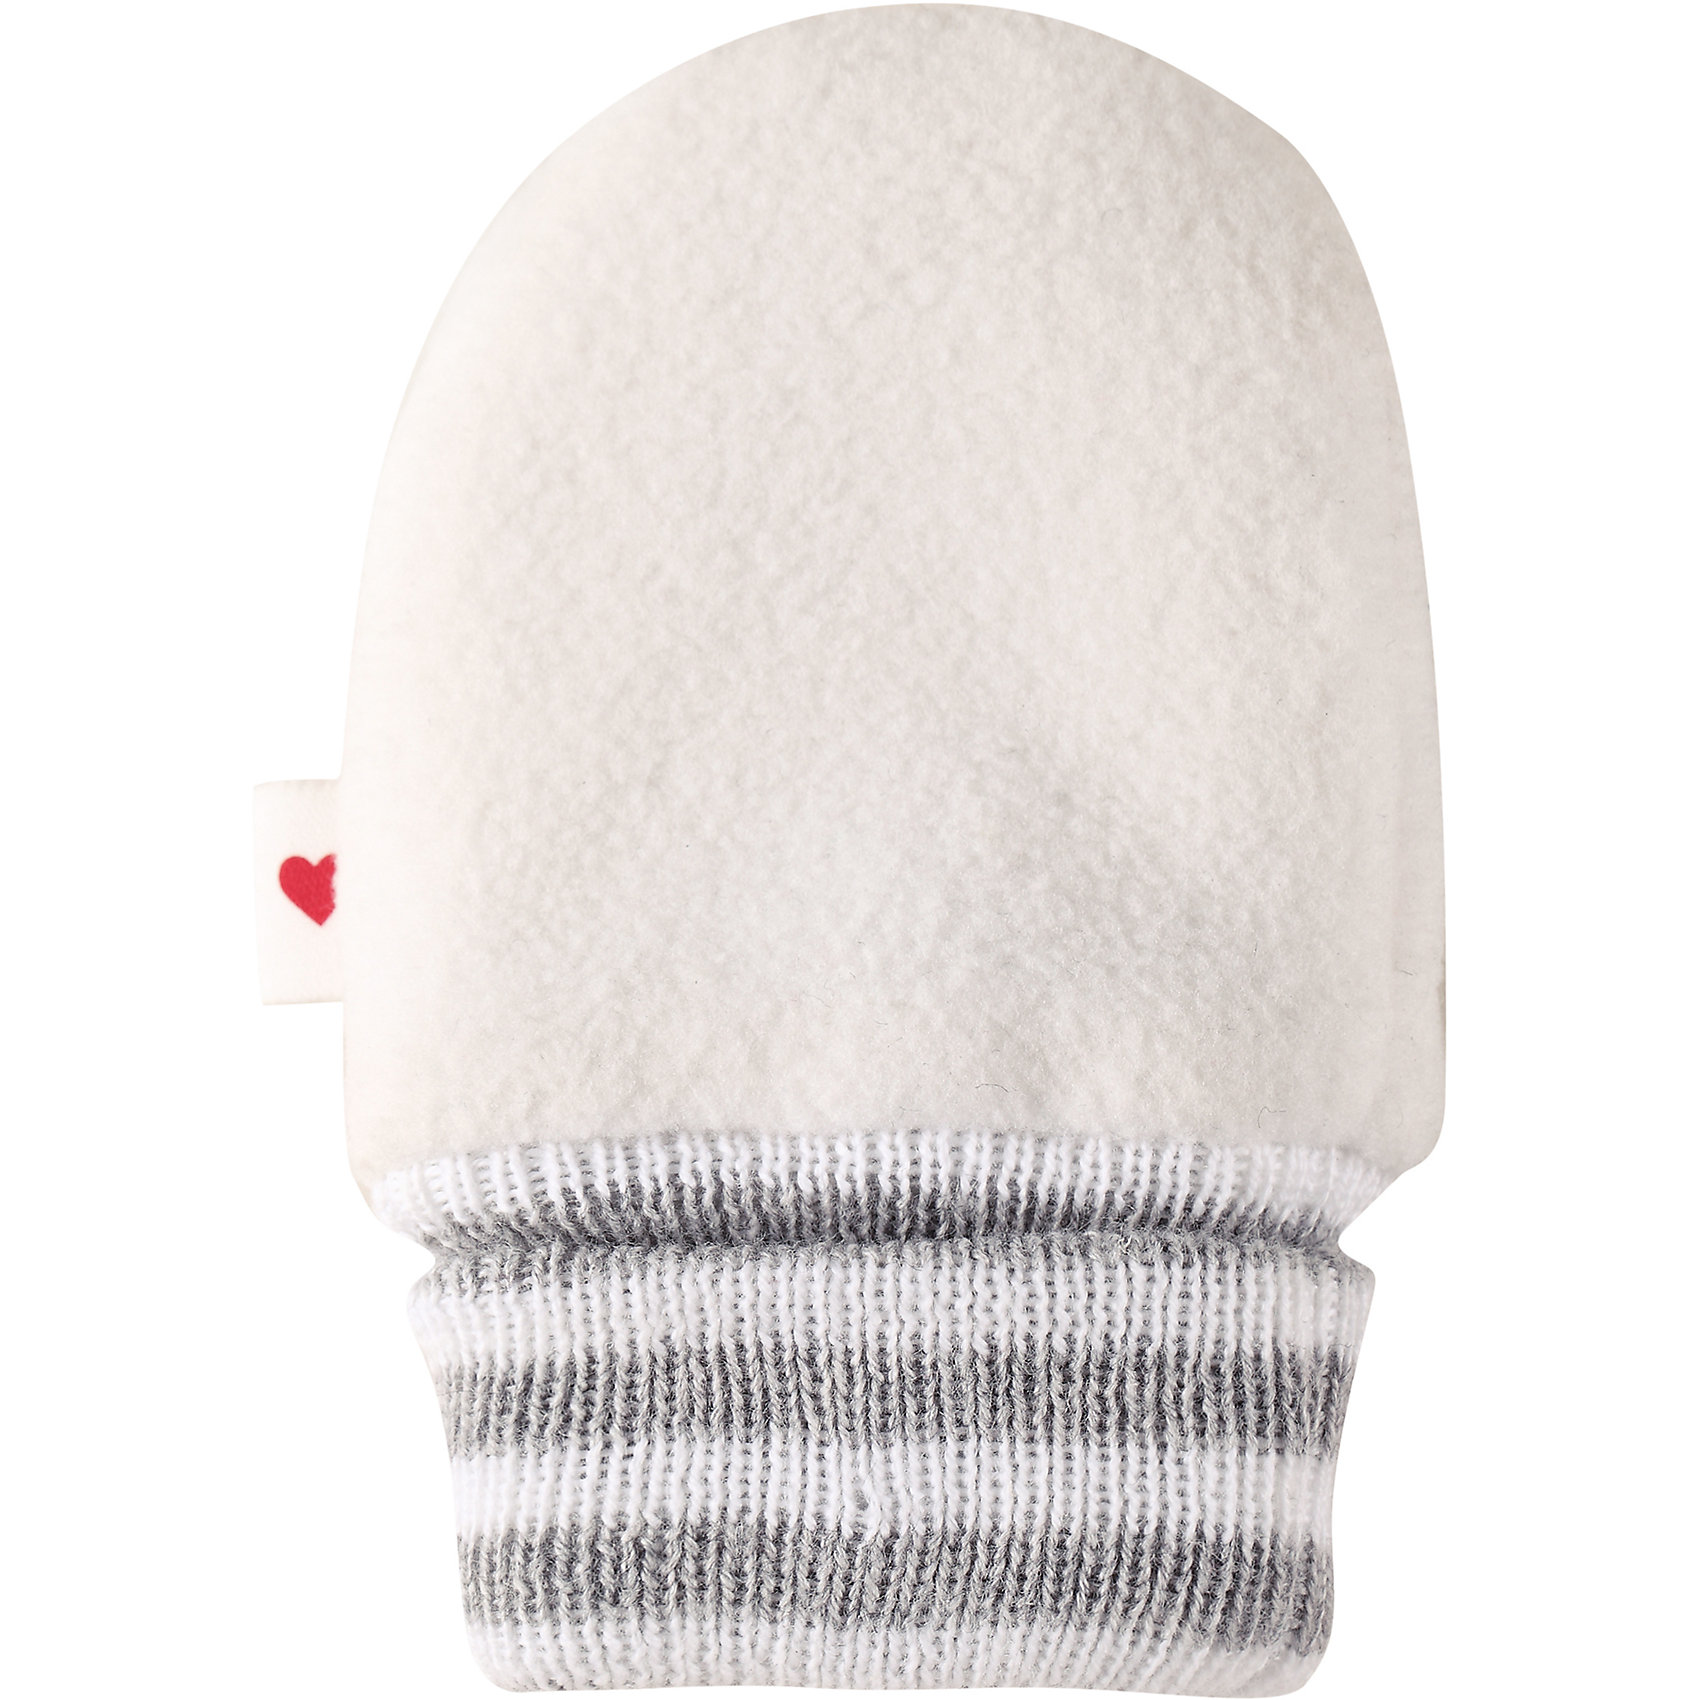 Варежки Mielle ReimaПерчатки и варежки<br>Характеристики товара:<br><br>• цвет: белый<br>• материал: поларфлис<br>• состав: верх - 100% полиэстер<br>• теплый, легкий и быстросохнущий полярный флис<br>• эластичный хлопковый трикотаж<br>• основной материал сертифицирован Oeko-Tex, класс 1, одежда для малышей<br>• сплошная подкладка из хлопкового трикотажа<br>• декоративный логотип сбоку<br>• без утеплителя<br>• страна производства: Китай<br>• страна бренда: Финляндия<br>• коллекция: весна-лето 2017<br><br>Reima представляет симпатичные варежки для малышей. Они помогут обеспечить ребенку комфорт и удобство. Варежки отлично смотрятся с различной одеждой. Изделия удобно сидят и модно выглядят, в их основе мягкий и теплый материал. Стильный дизайн разрабатывался специально для детей.<br><br>Одежда и обувь от финского бренда Reima пользуется популярностью во многих странах. Эти изделия стильные, качественные и удобные. Для производства продукции используются только безопасные, проверенные материалы и фурнитура. Порадуйте ребенка модными и красивыми вещами от Reima! <br><br>Варежки для мальчика от финского бренда Reima (Рейма) можно купить в нашем интернет-магазине.<br><br>Ширина мм: 162<br>Глубина мм: 171<br>Высота мм: 55<br>Вес г: 119<br>Цвет: белый<br>Возраст от месяцев: 6<br>Возраст до месяцев: 18<br>Пол: Унисекс<br>Возраст: Детский<br>Размер: 1,0<br>SKU: 5271187